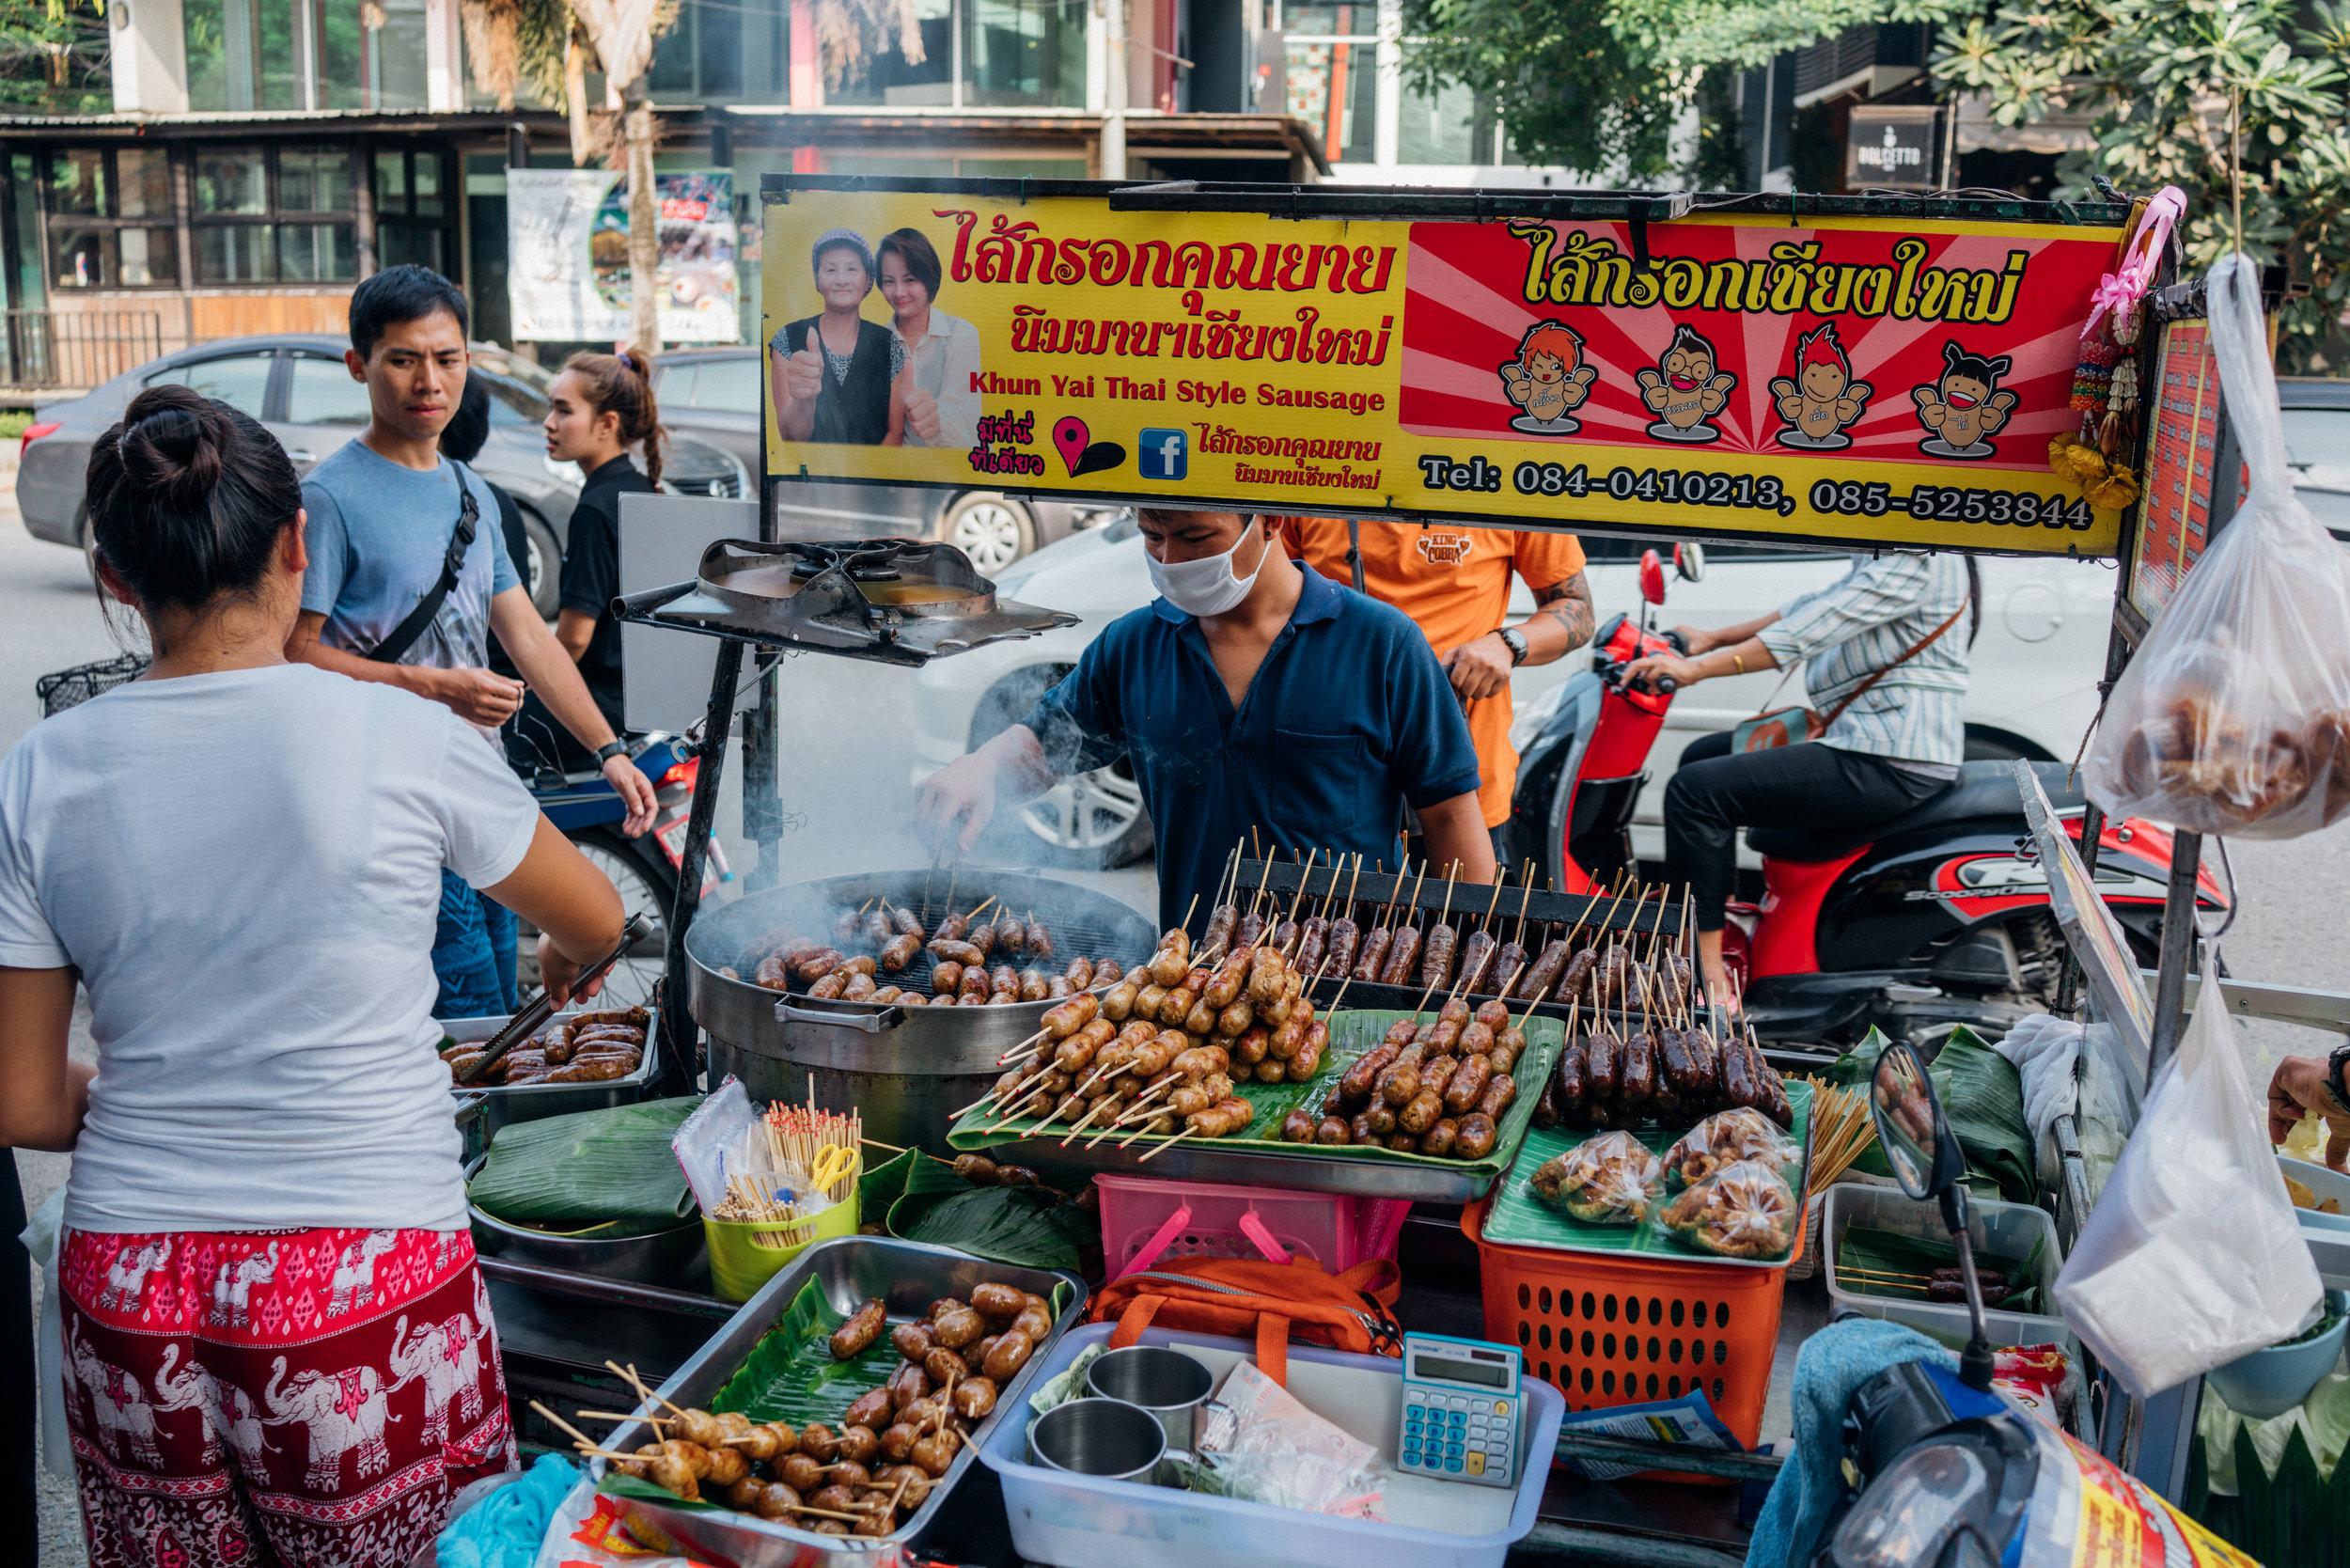 Street food in our neighborhood of Nimmanhaemin